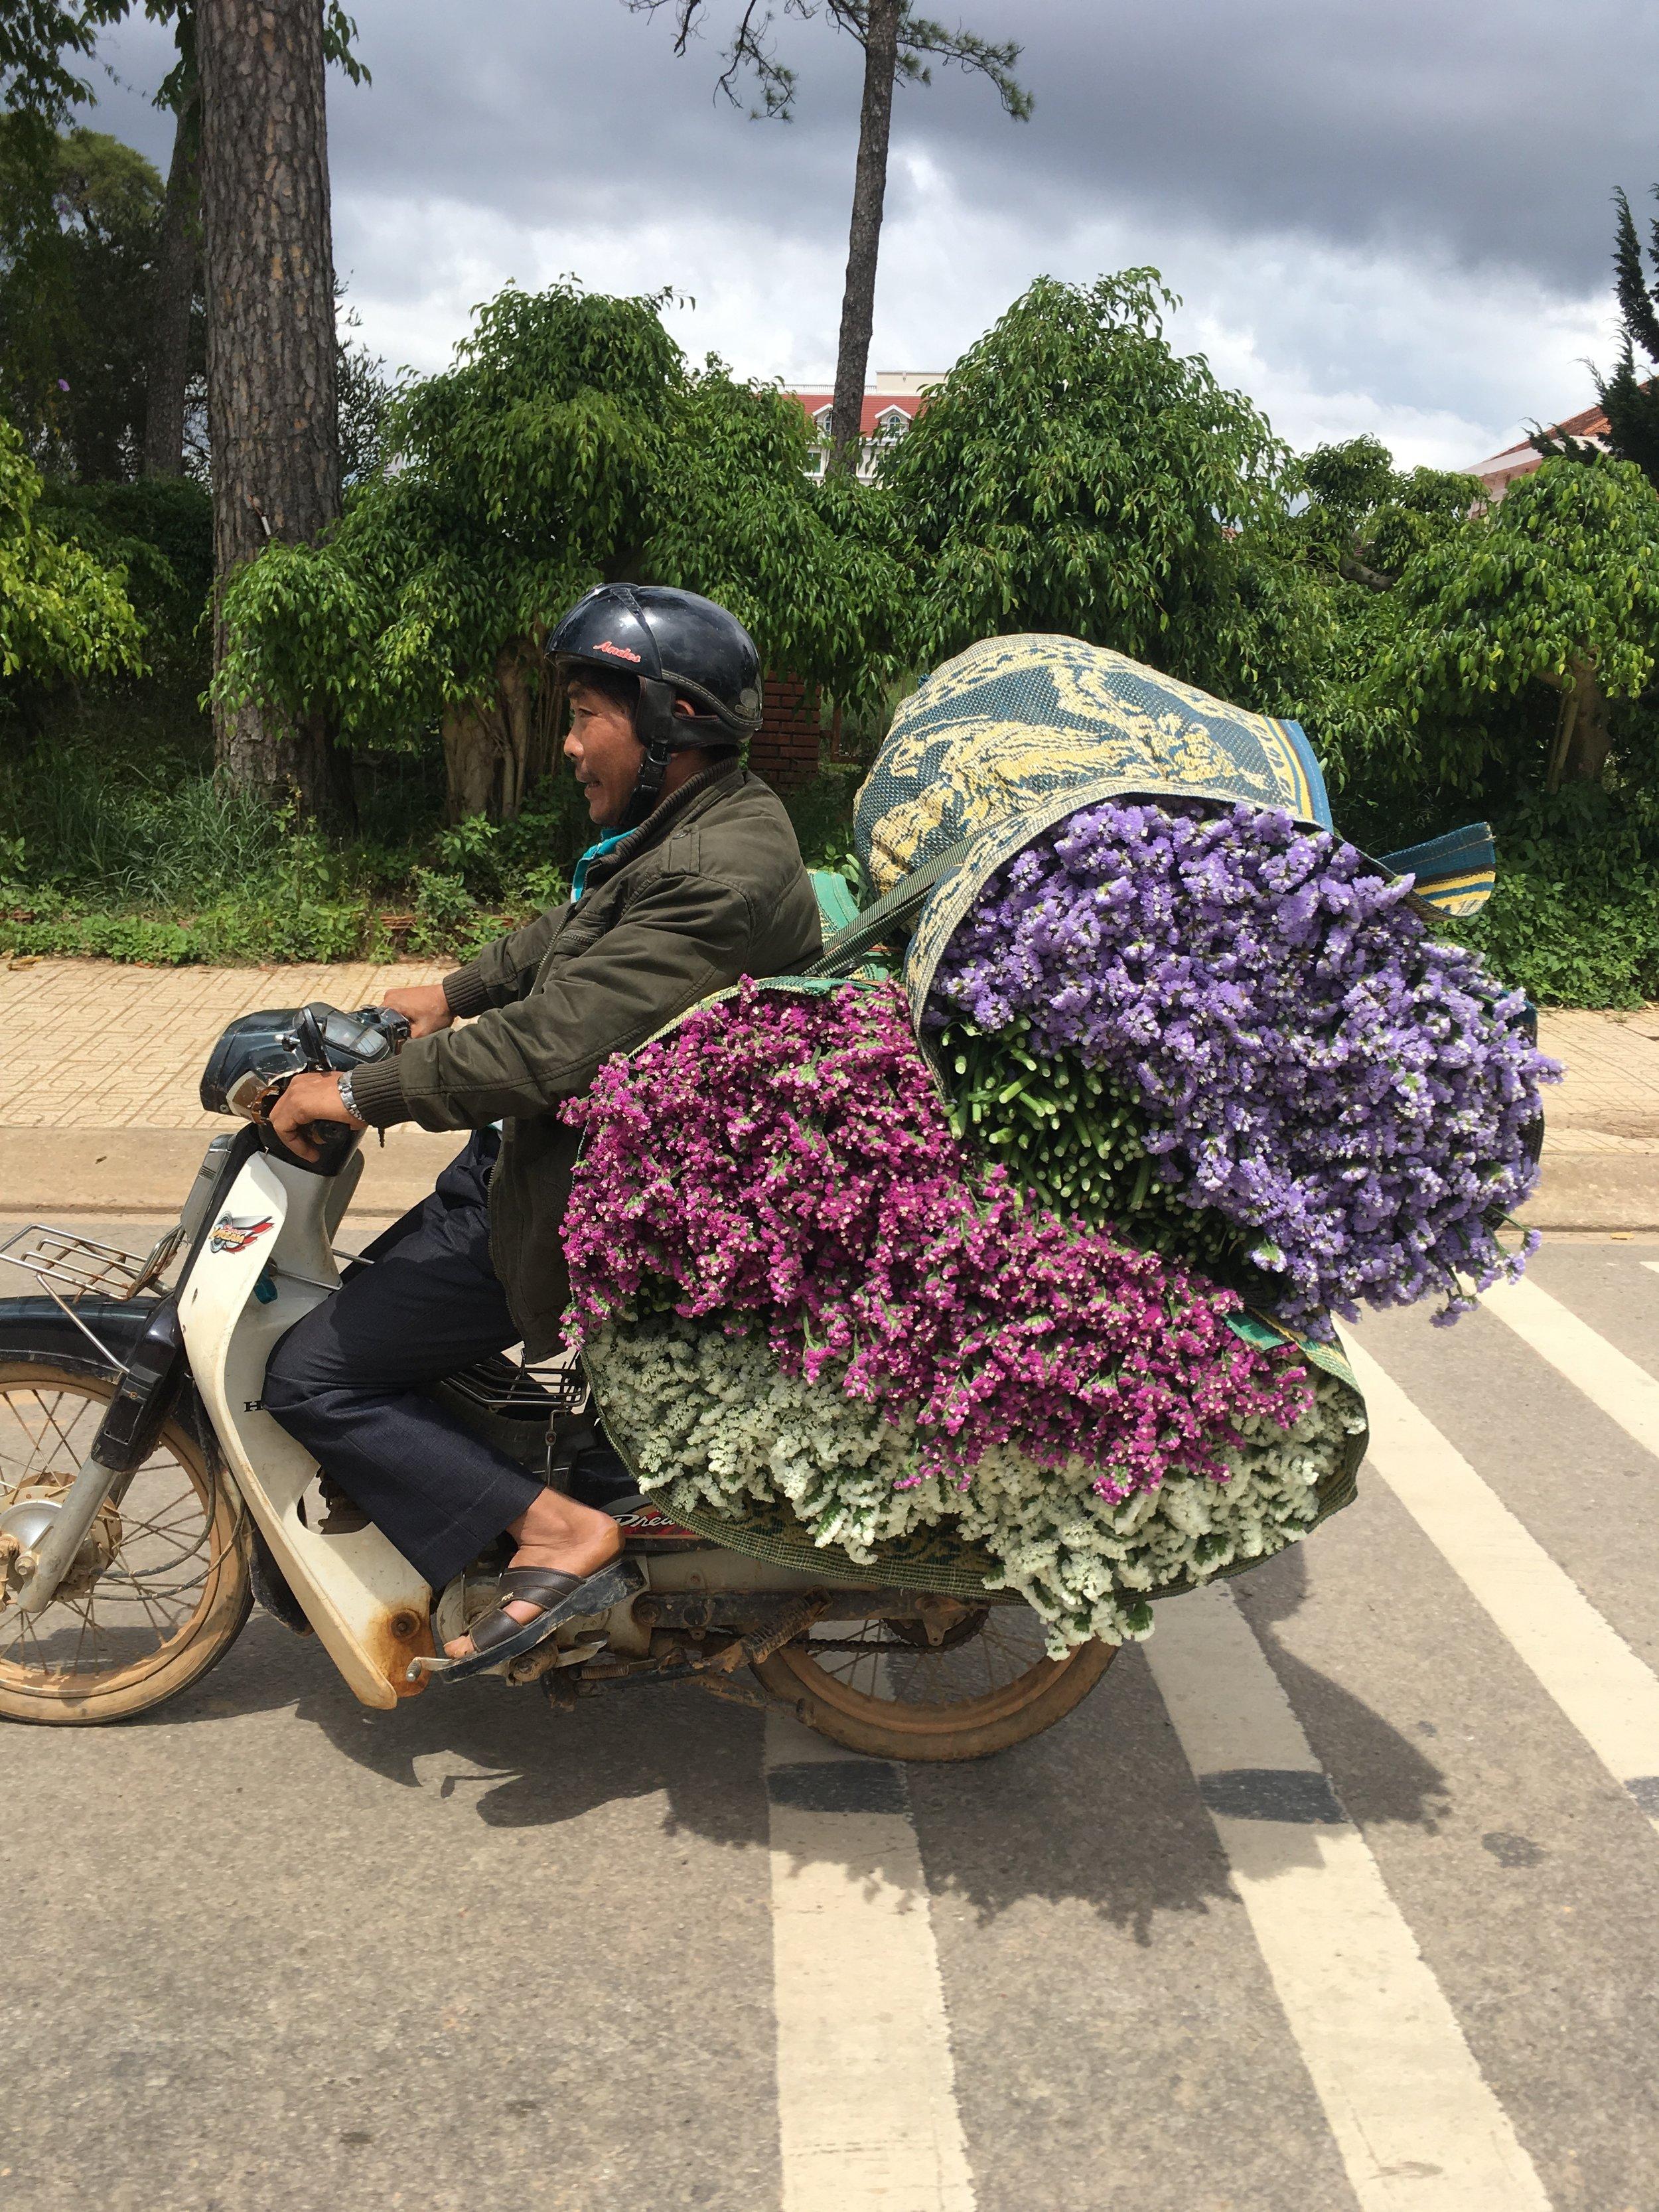 Llevar todas estas flores en una moto? Parece imposible.